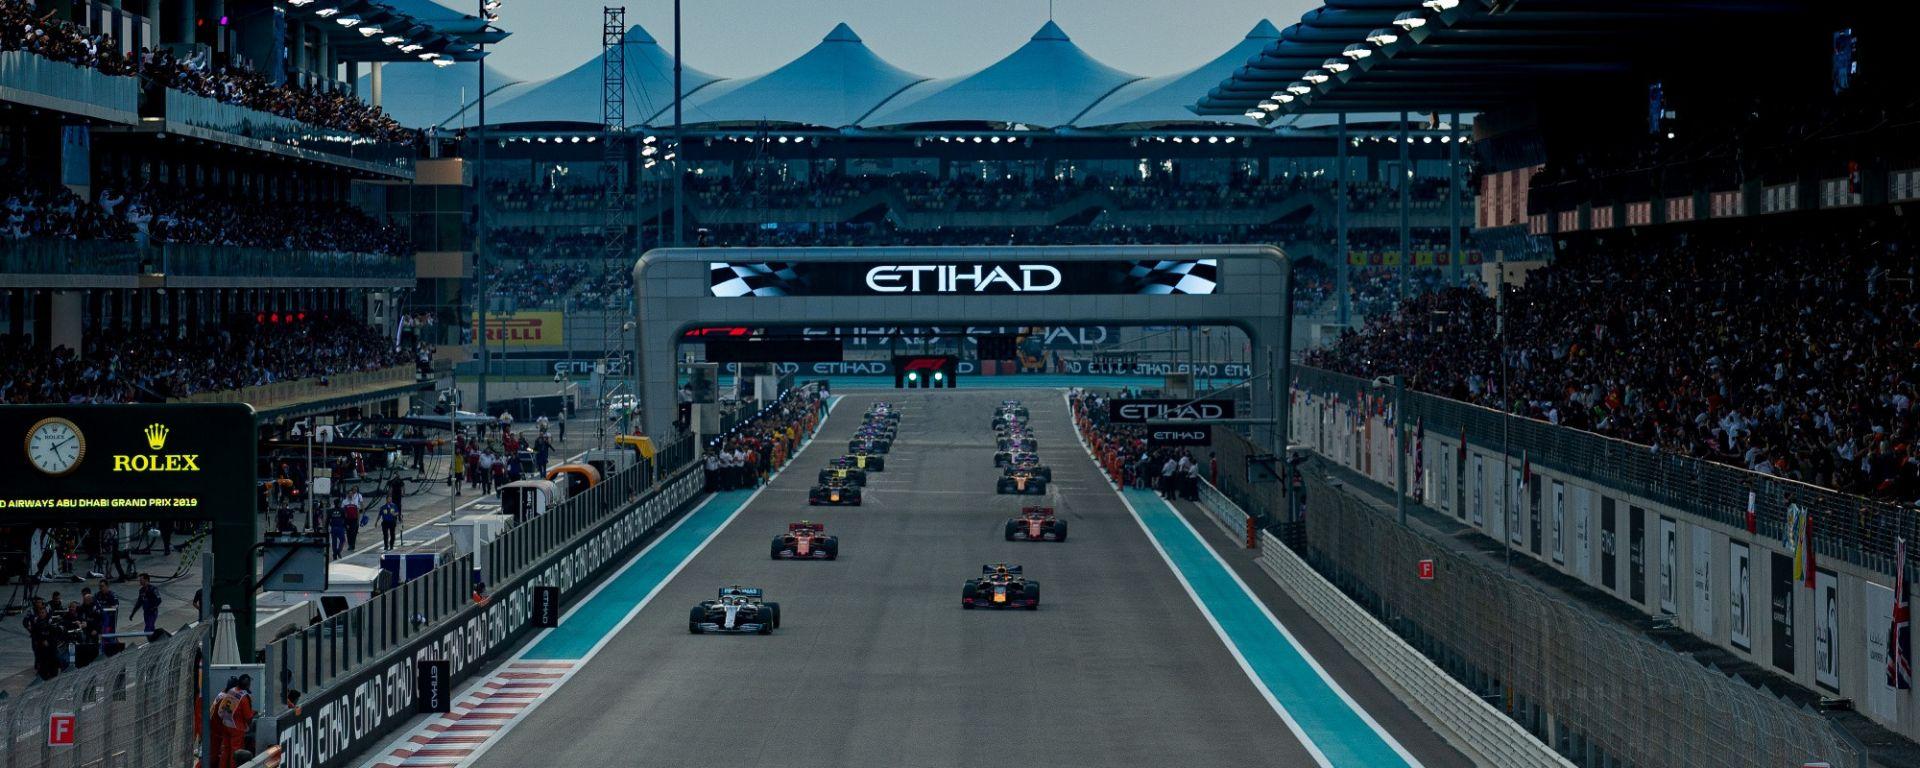 GP Abu Dhabi 2019, il via del giro di formazione